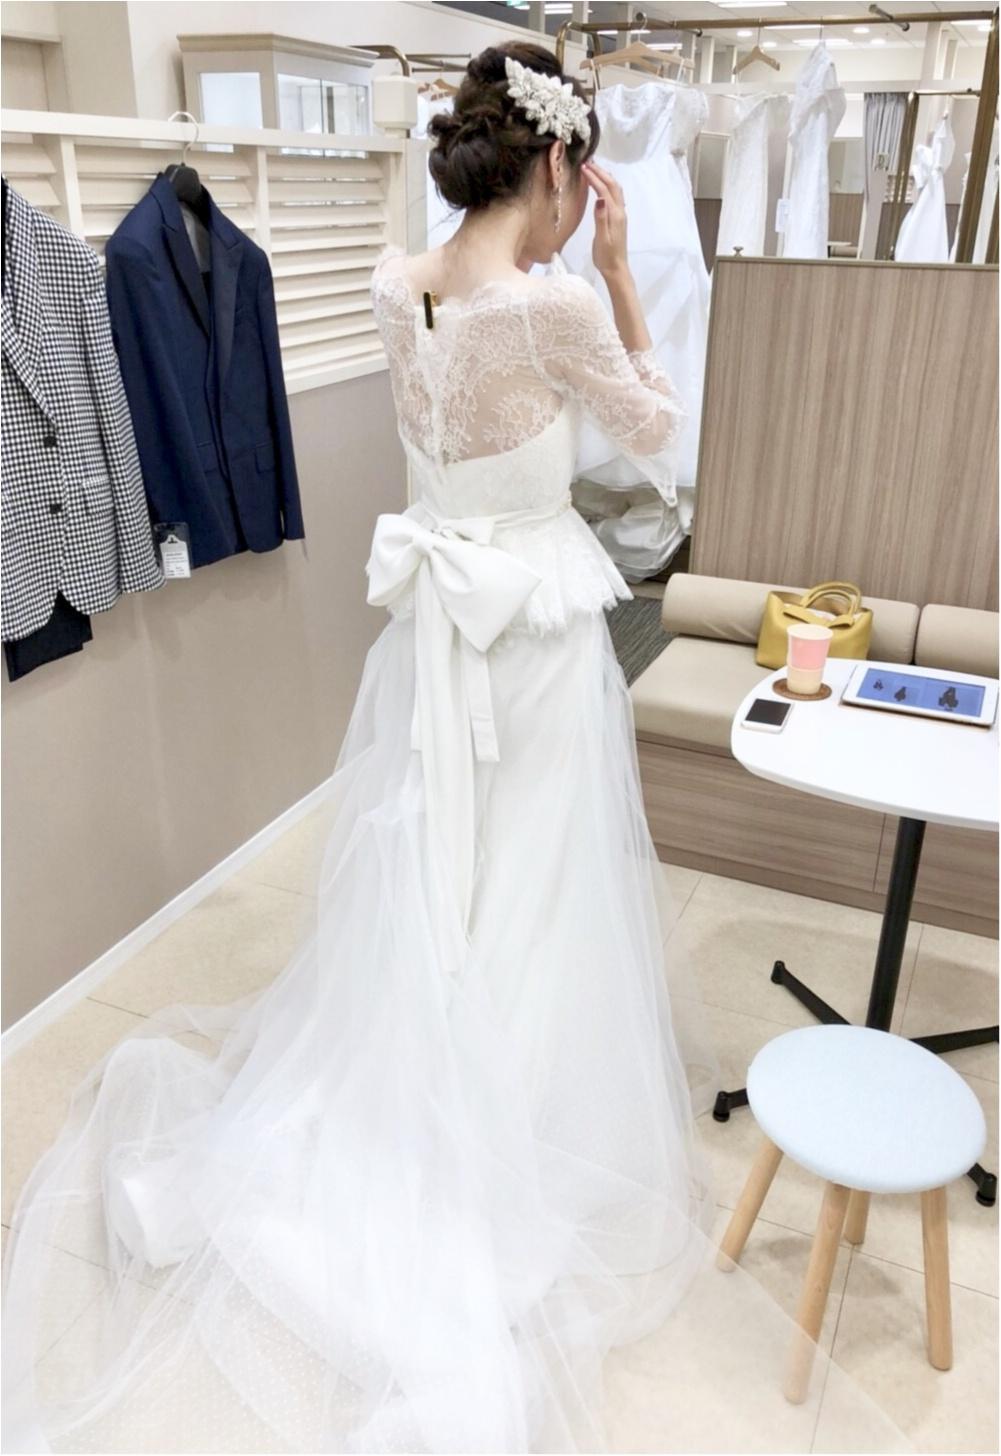 卒花さんに聞く【ドレス特集】-  結婚式・二次会におすすめ! プレ花嫁さんに人気のおしゃれなウェディングドレスは?_47